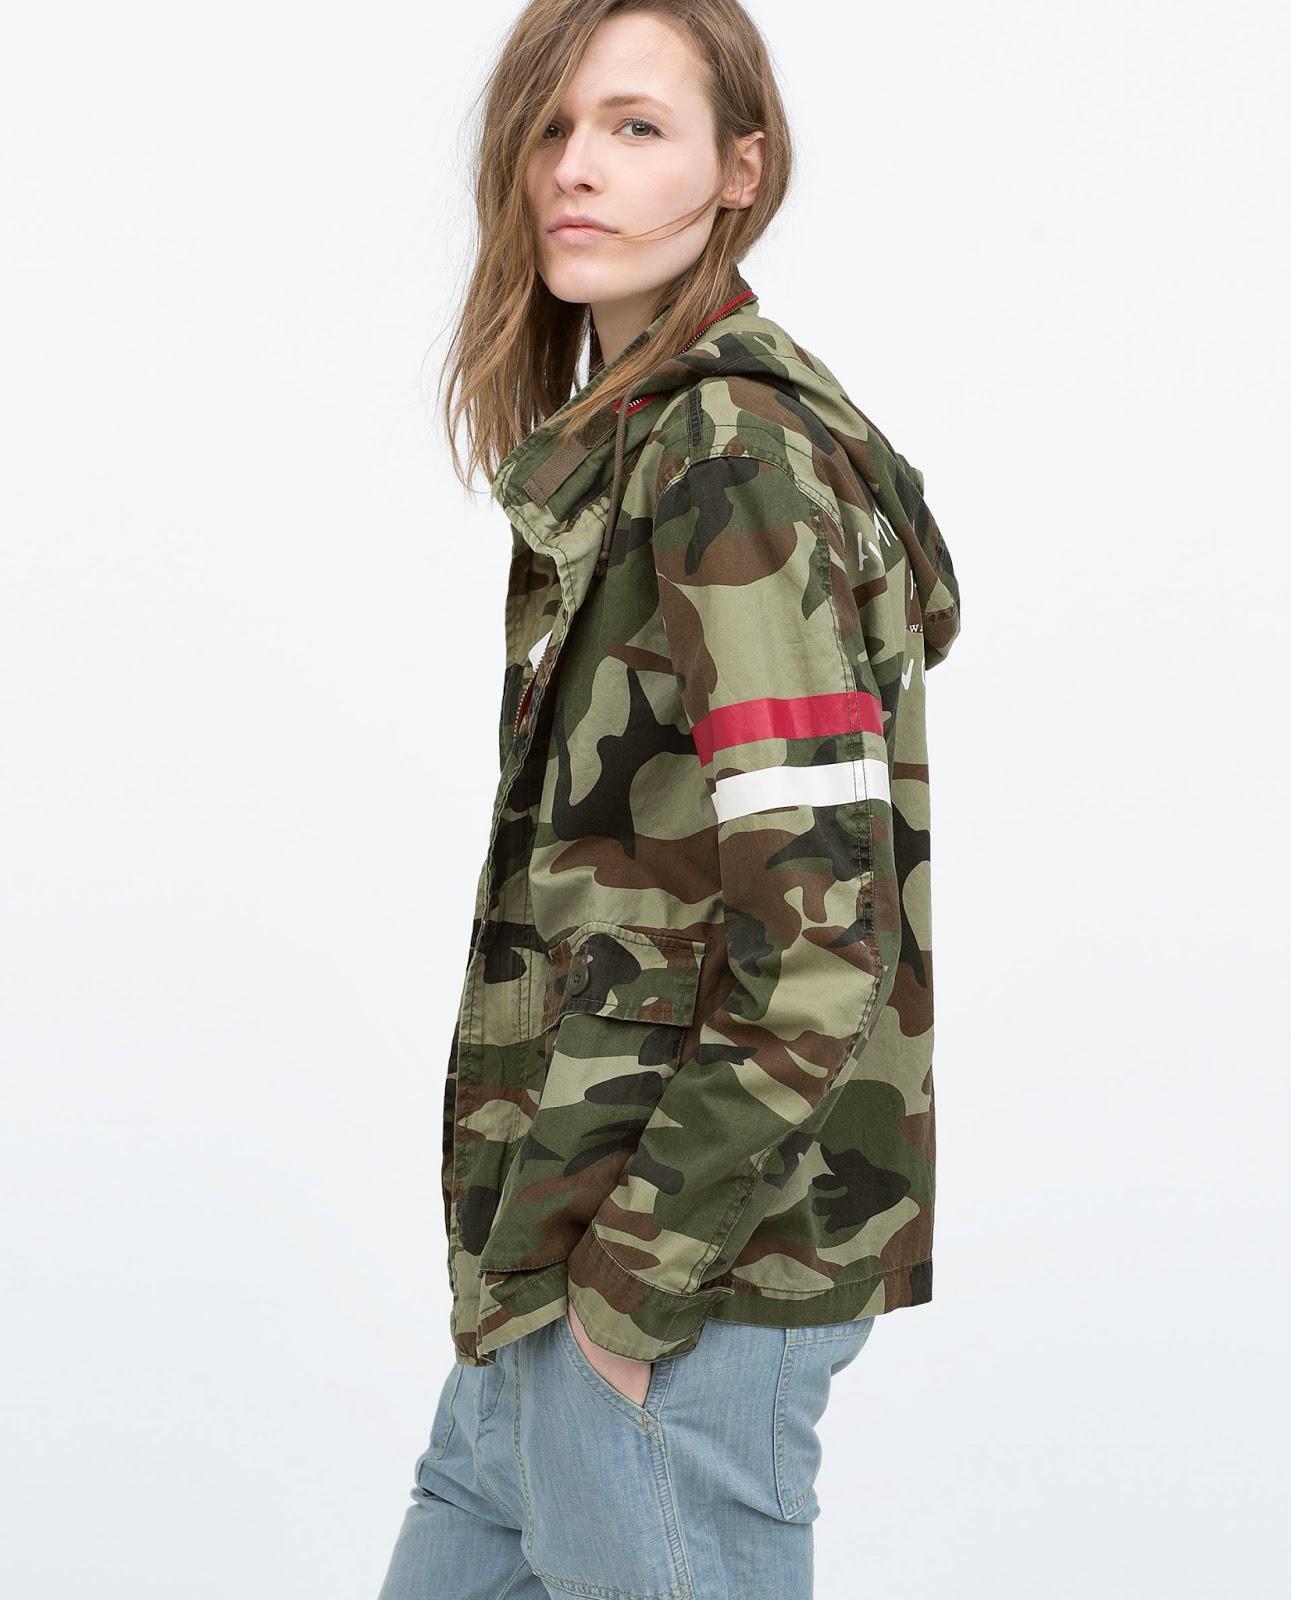 zara camouflage jacket,